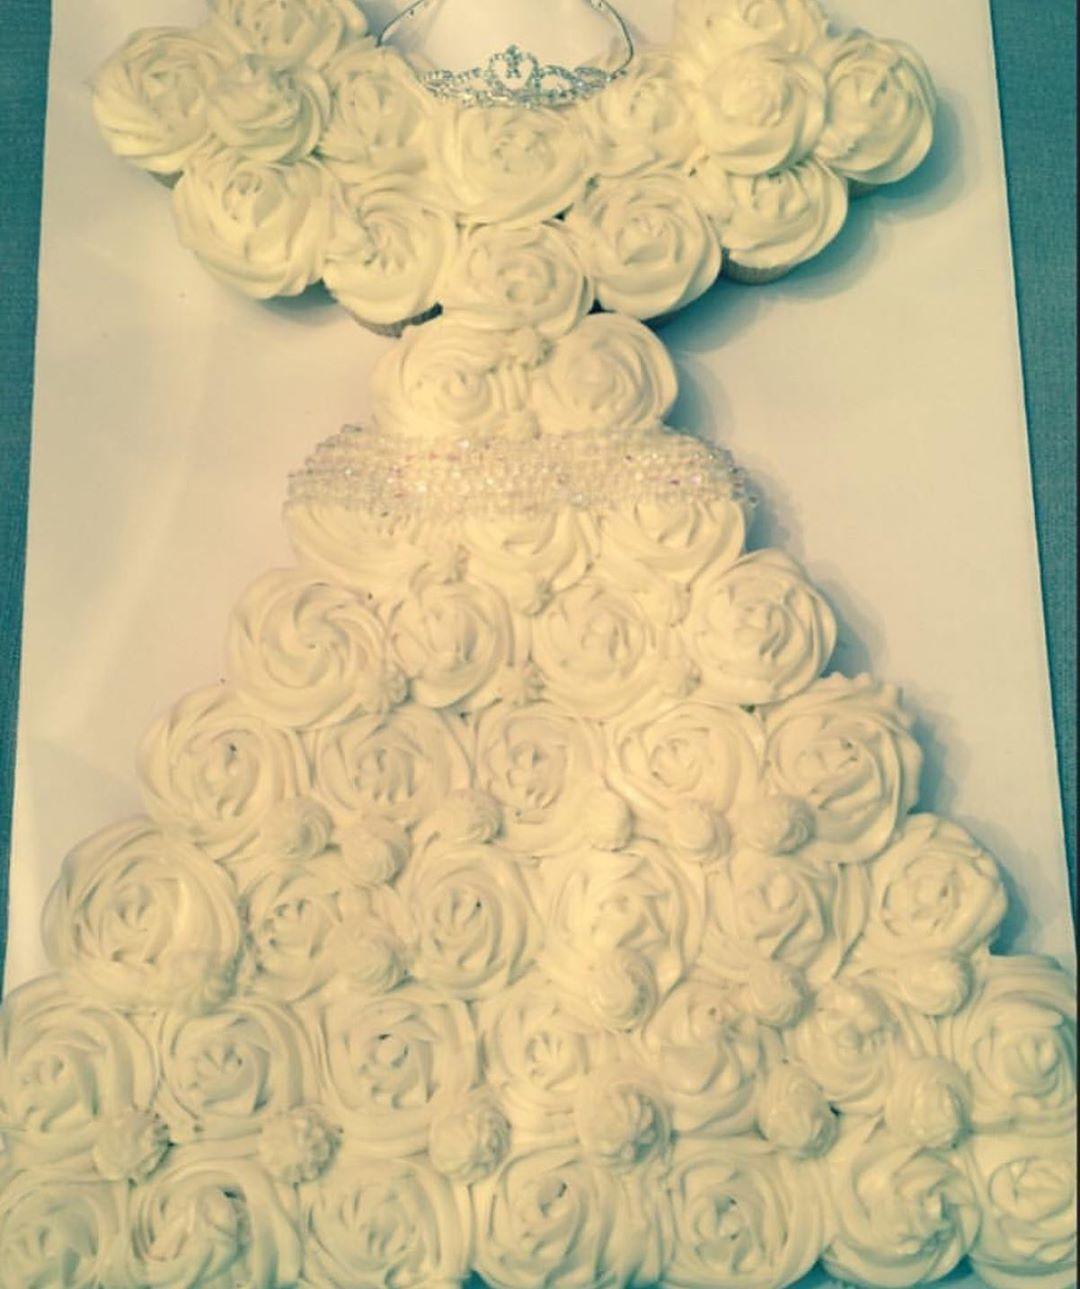 #wedding #bridal #bridalshower #bride #brides #vegan #glutenfree #soyfree #cupcakes #vanillabean #vanilla #allwhiteeverything #vegans #foodiesofinstagram &nbs